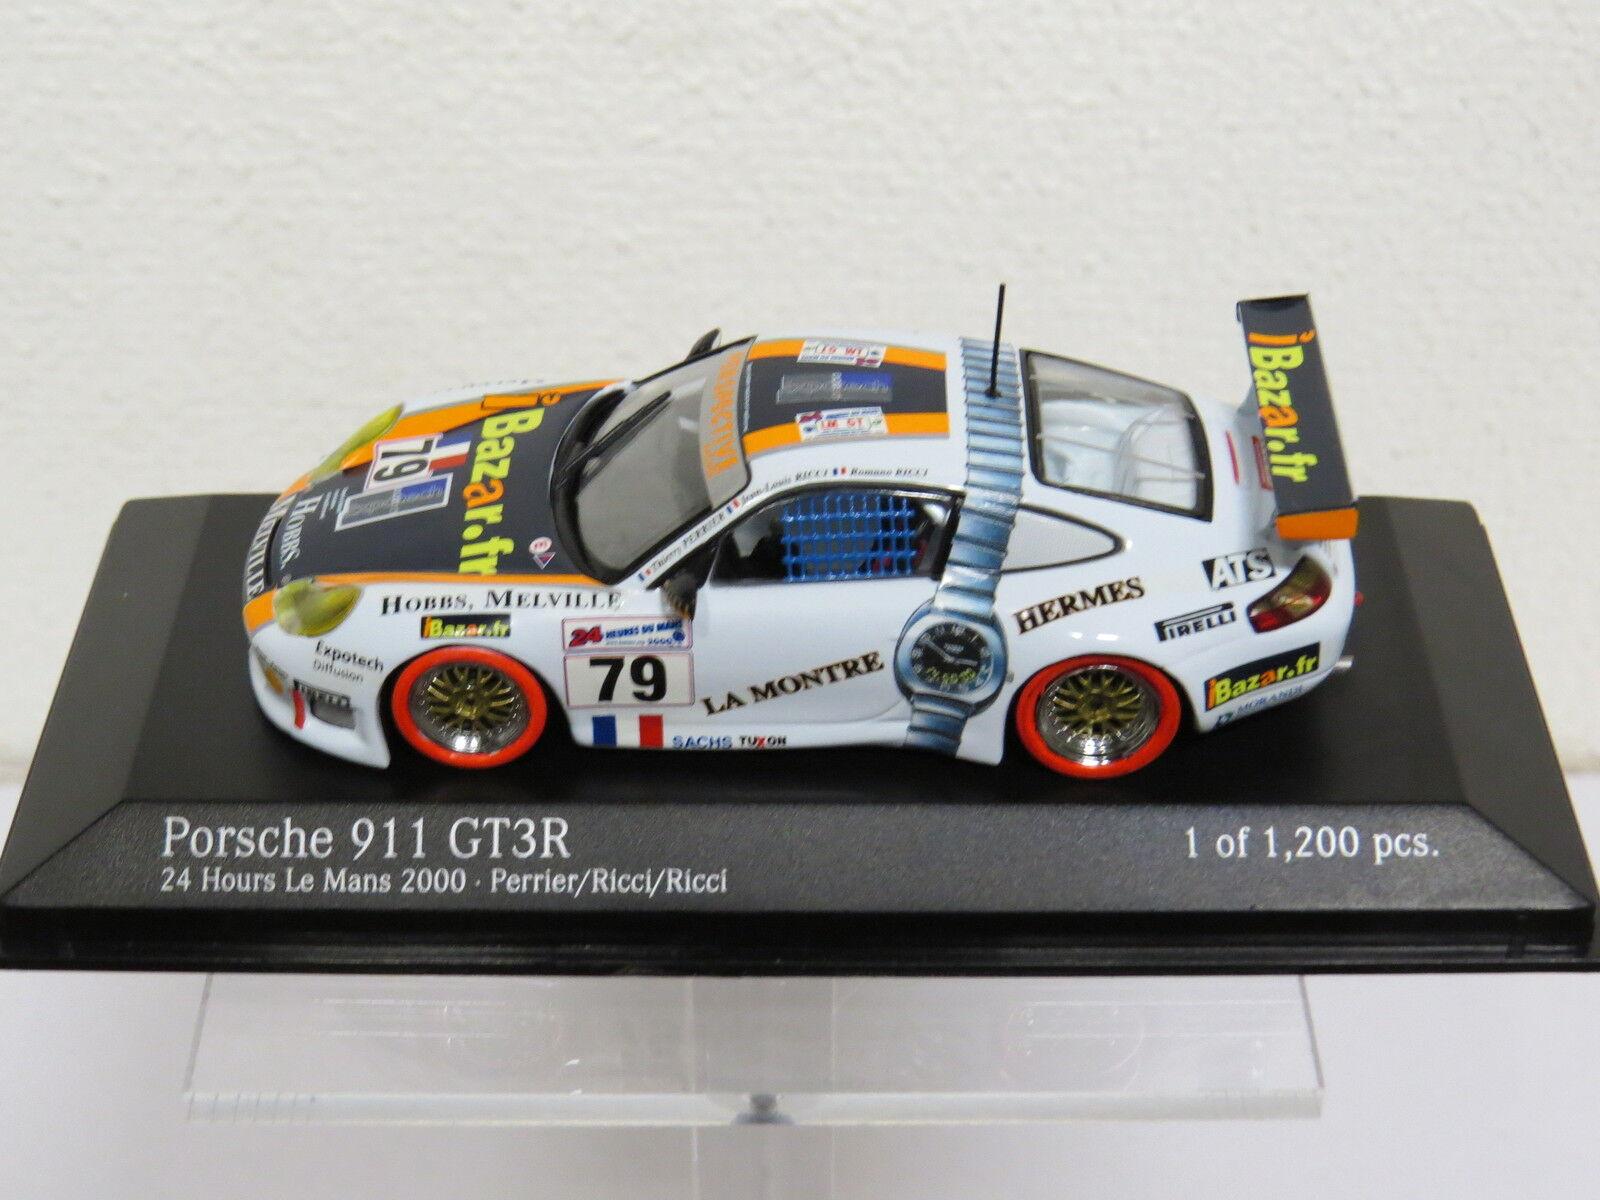 Porsche 911 GT3R 24h Le mans 2000 - Perrier Ricci Ricci Minichamps Nr. 430006979